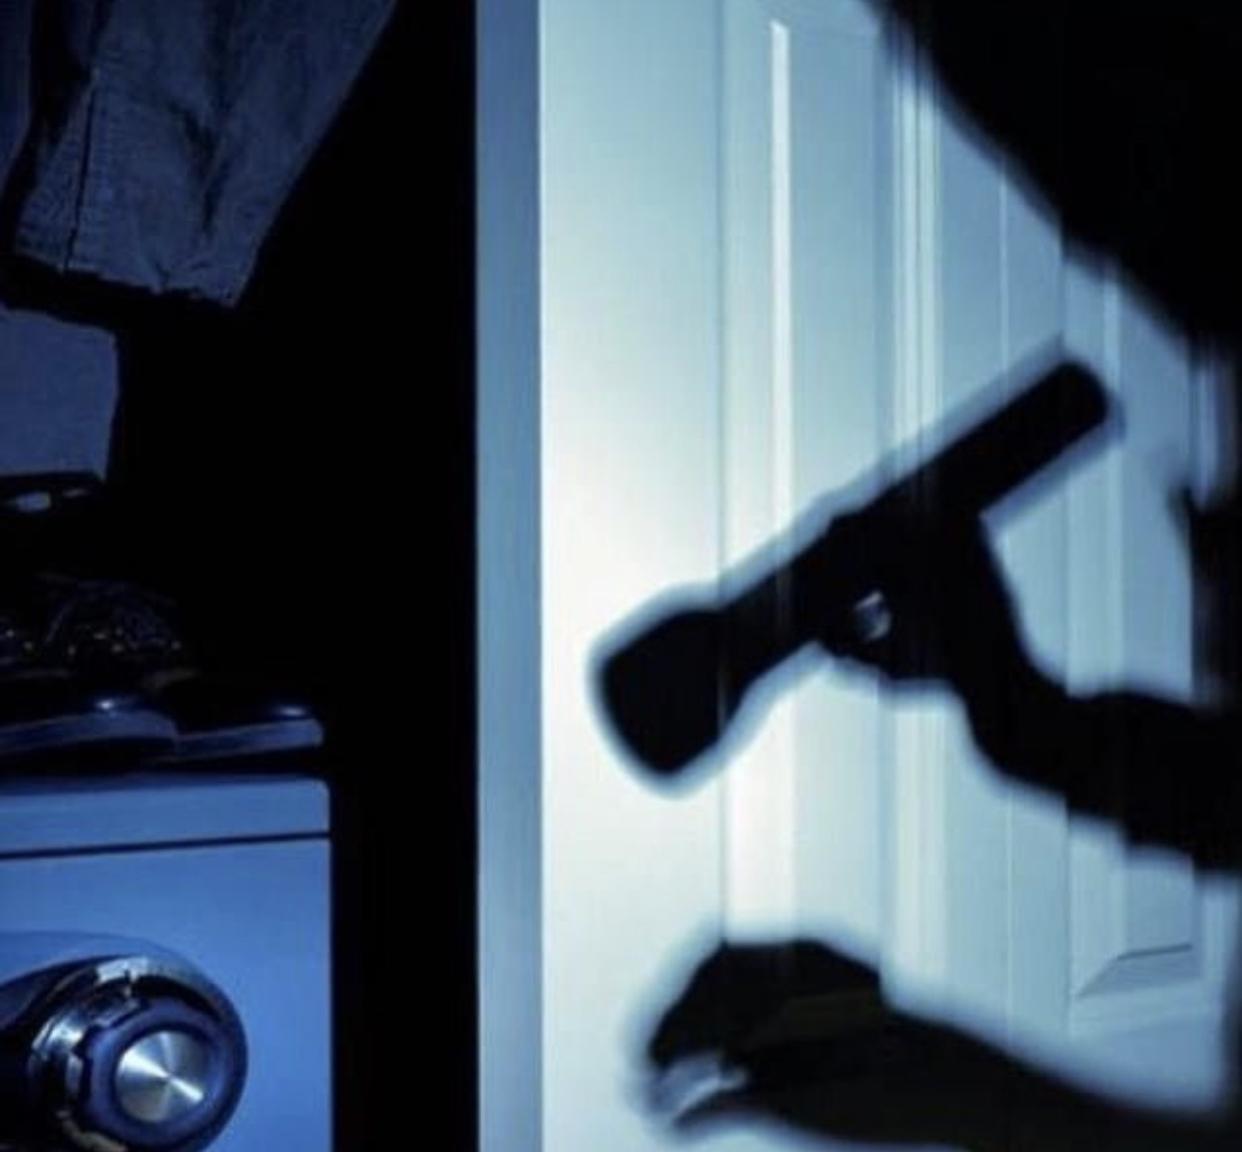 В Алагирском районе полицейские раскрыли ночную кражу со взломом